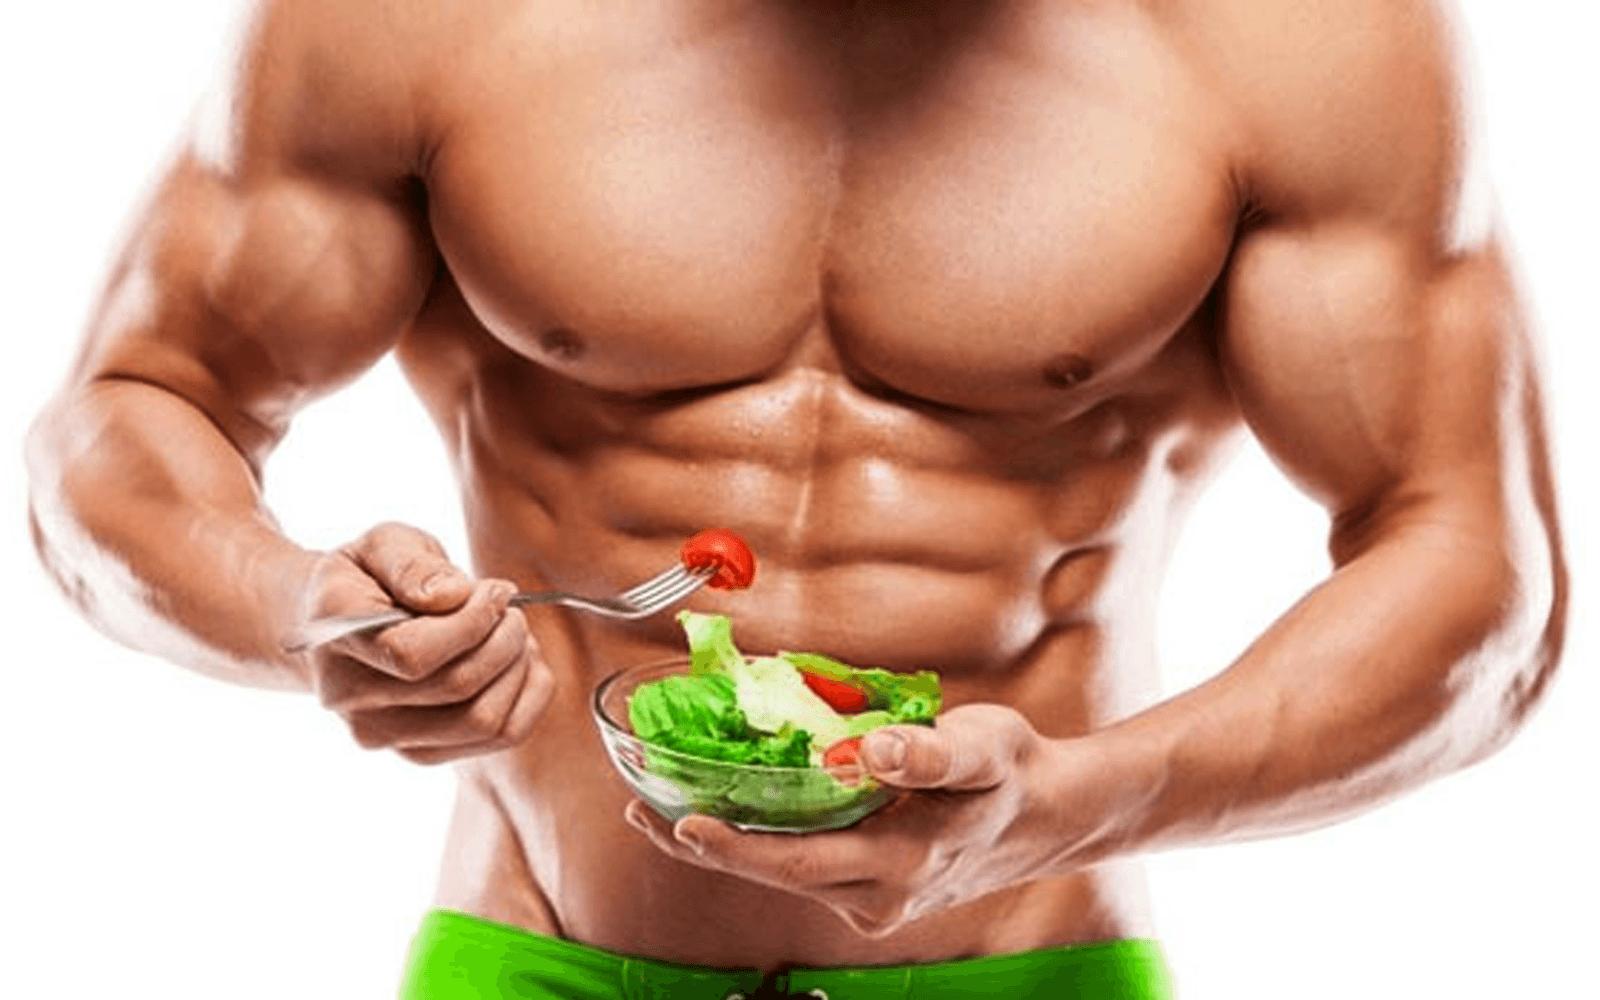 Можно Ли Кушать Сушки При Похудении. Основы эффективной диеты для женщин на сушке. Что есть, чтобы похудеть?